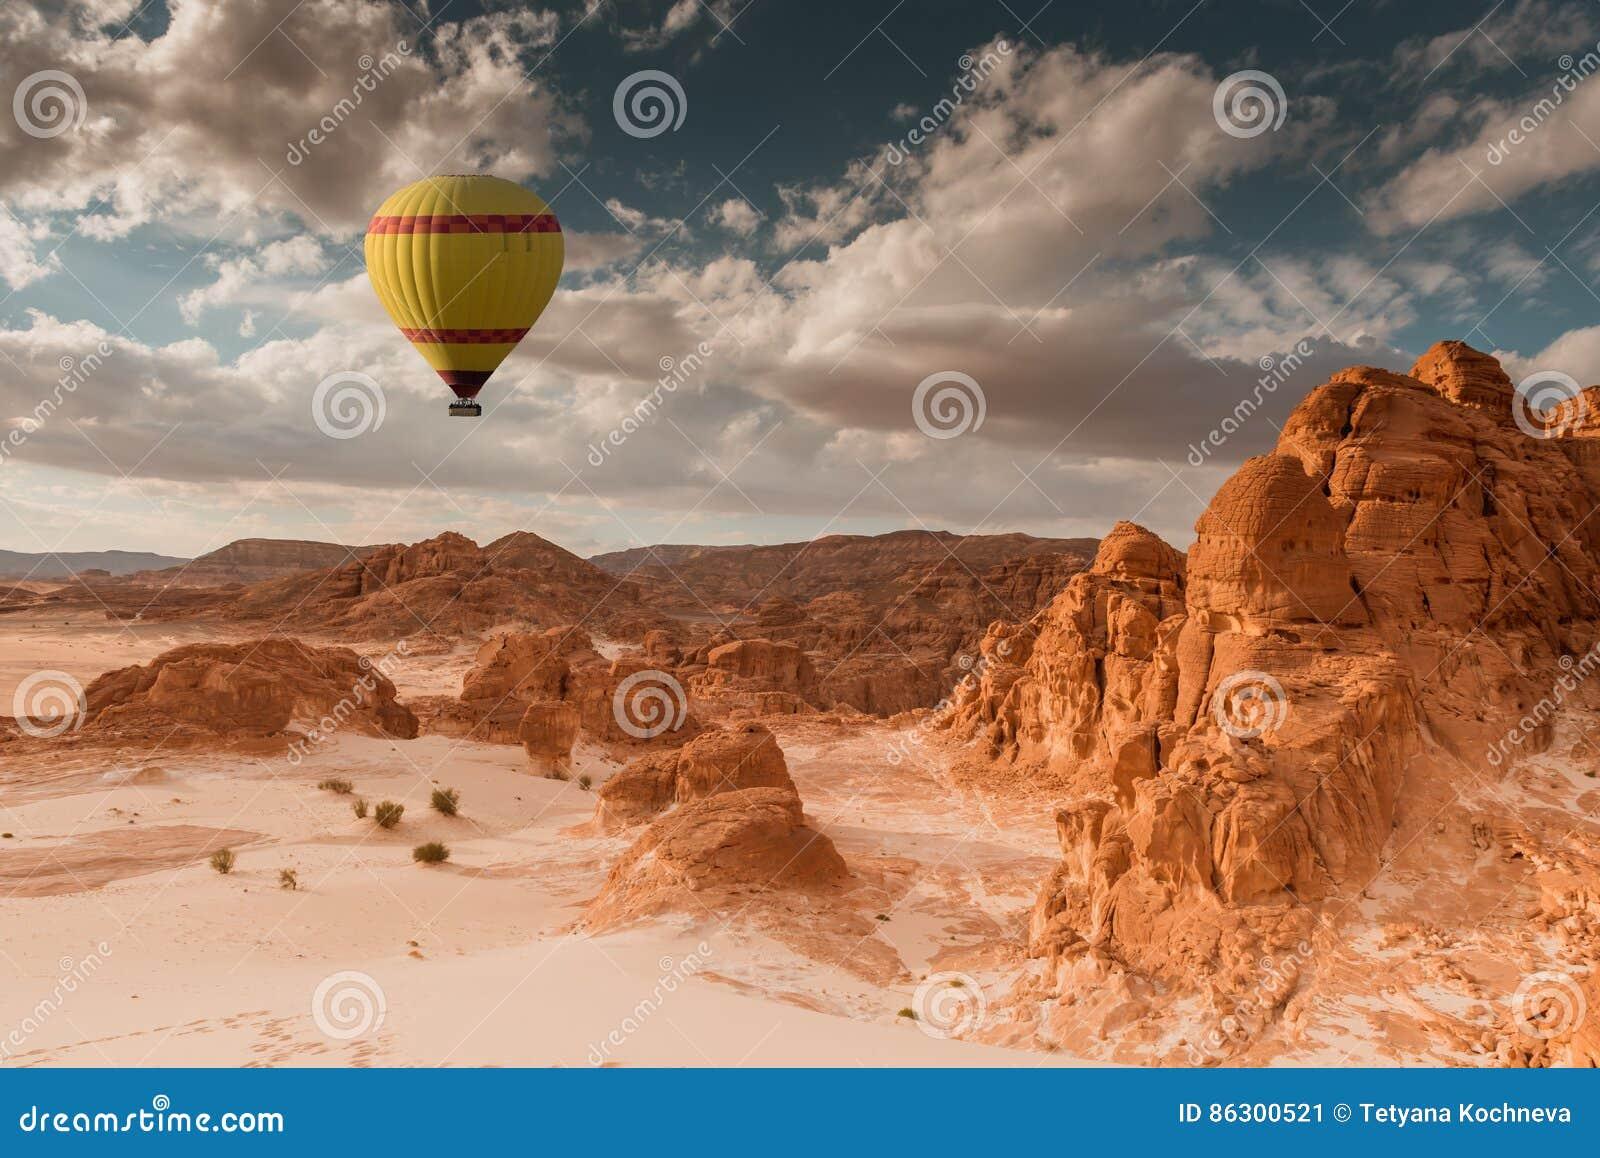 Gorące Powietrze balonu podróż nad pustynią